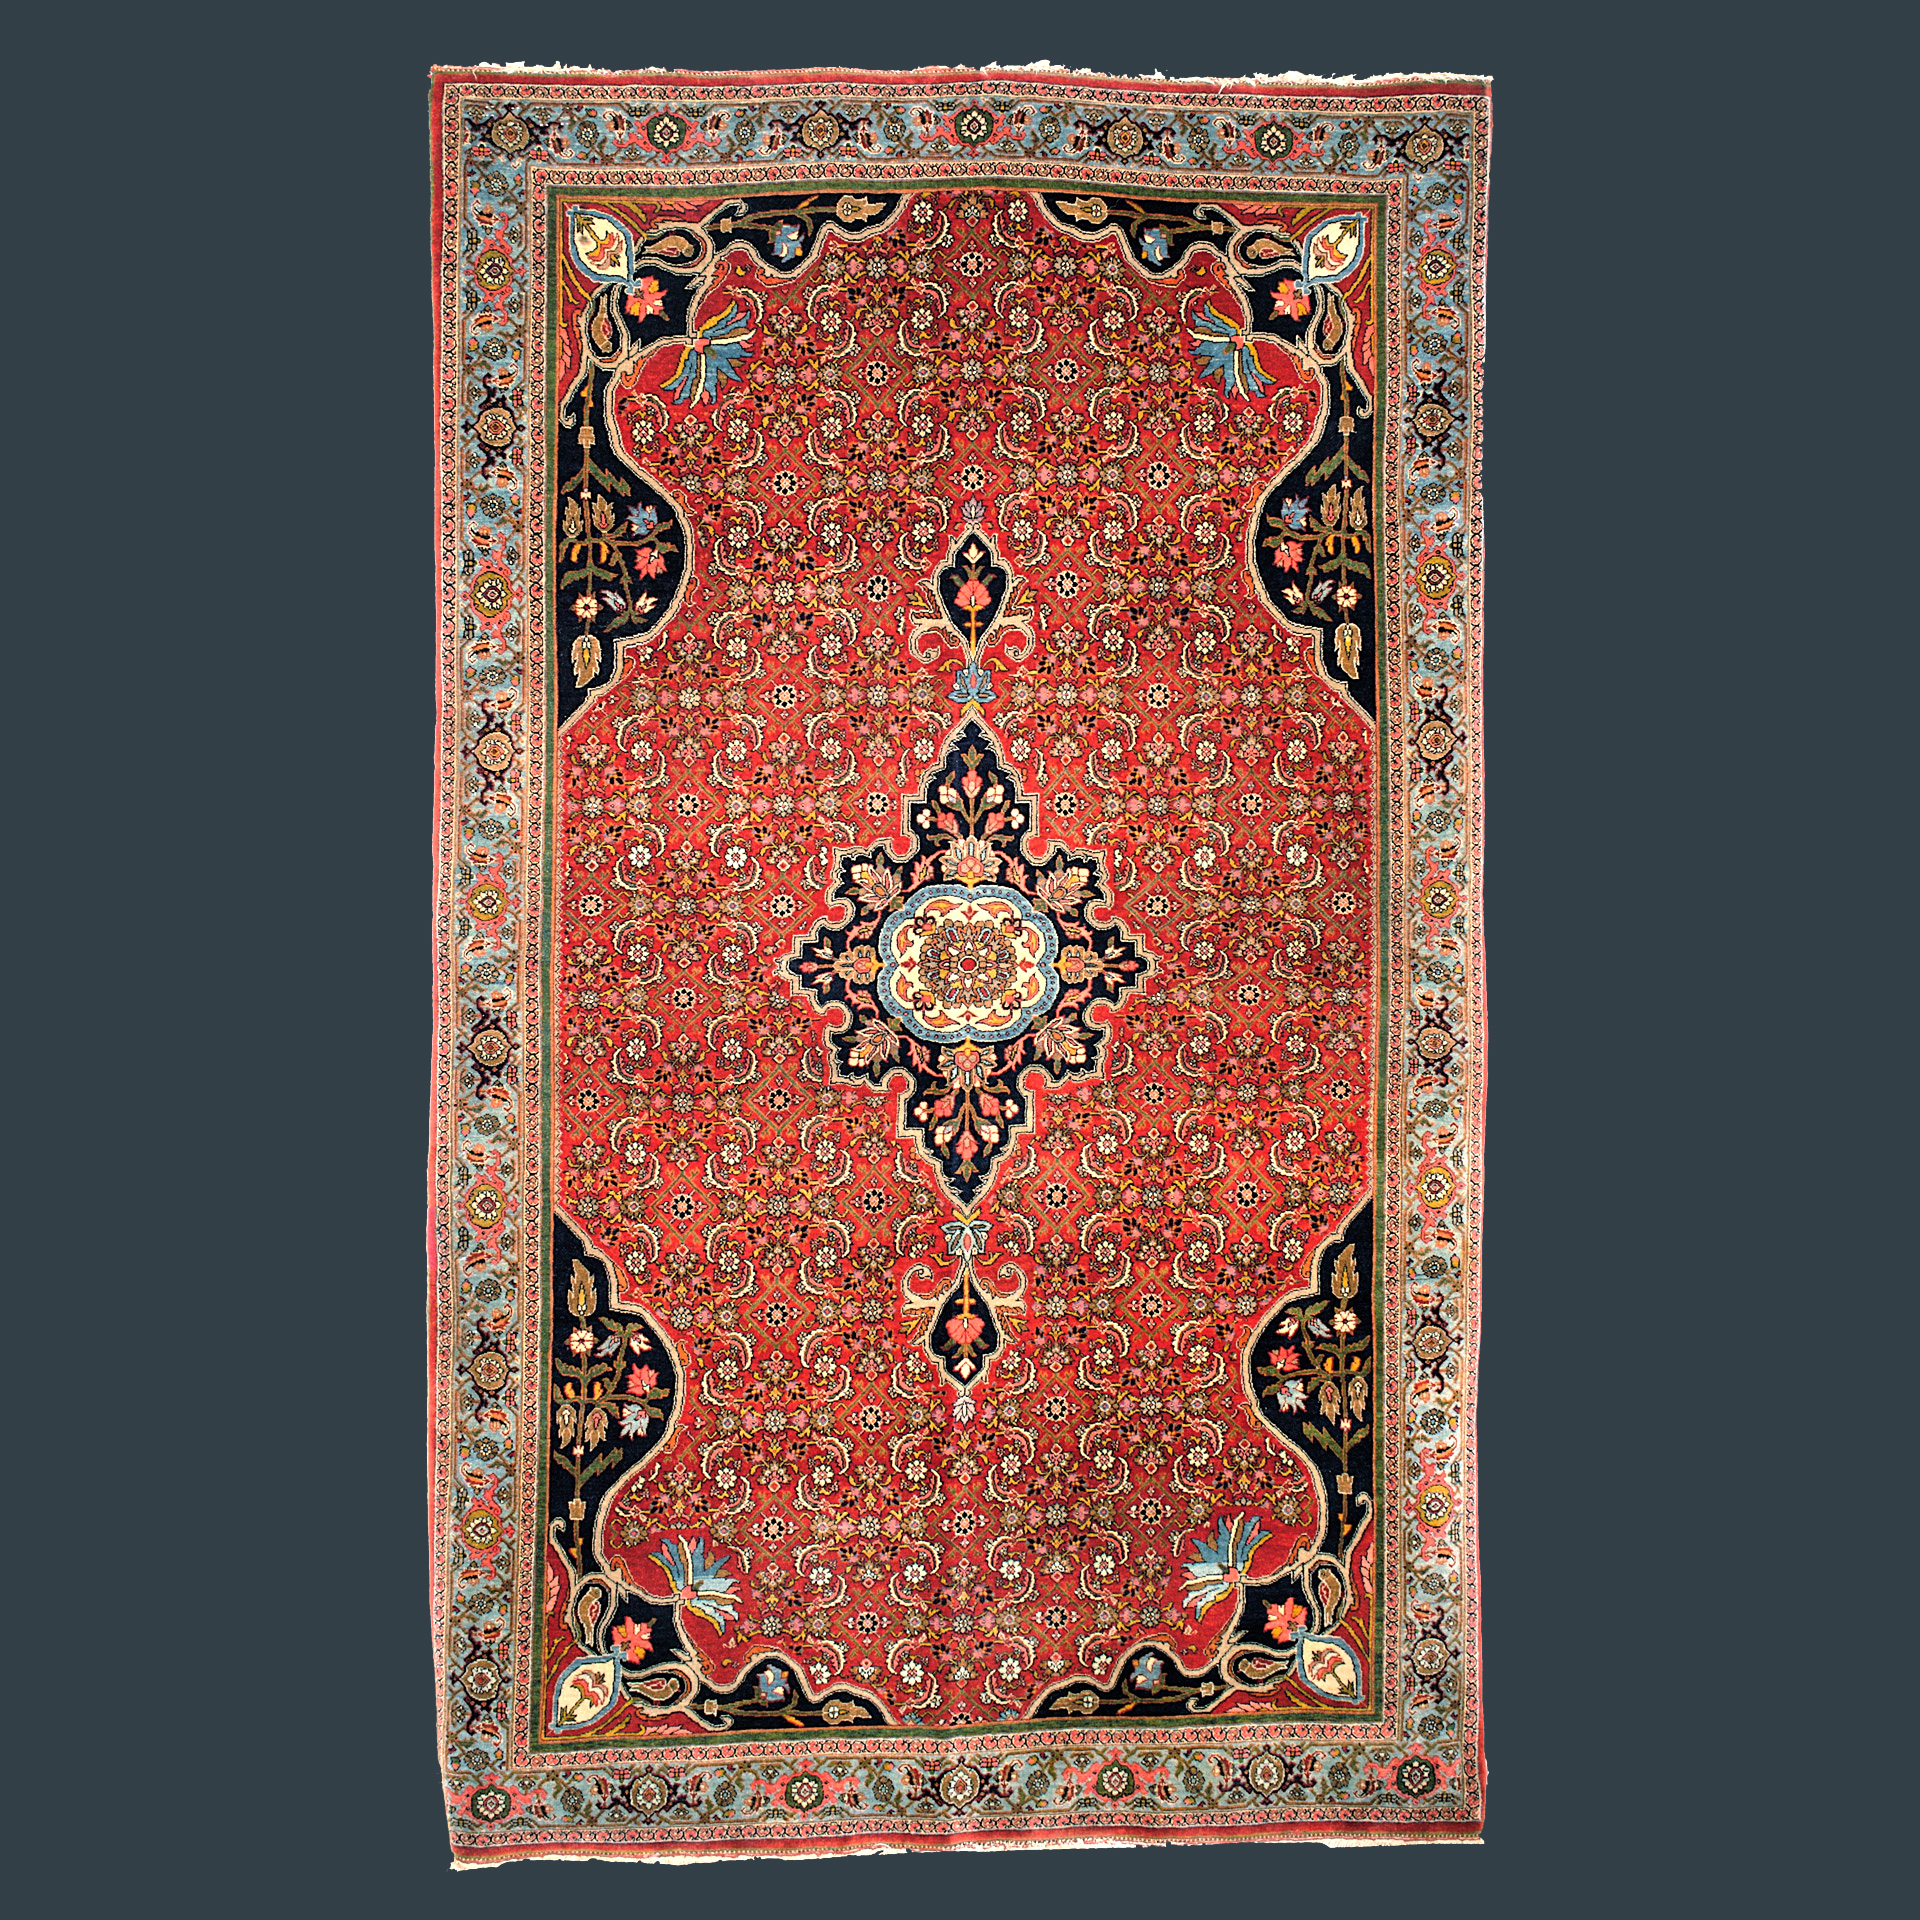 Fine antique Halvai Bidjar rug with the classical Herati design, northwest Persia, circa 1890